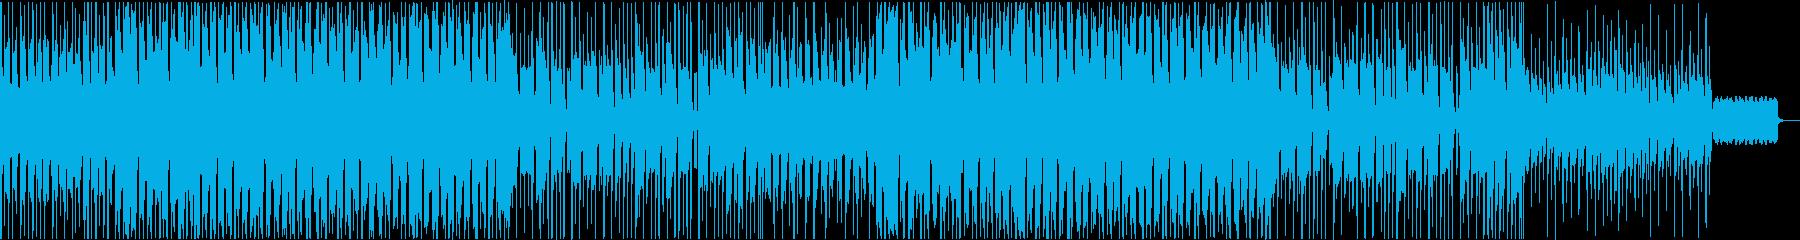 トイピアノとウクレレのほのぼのポップの再生済みの波形